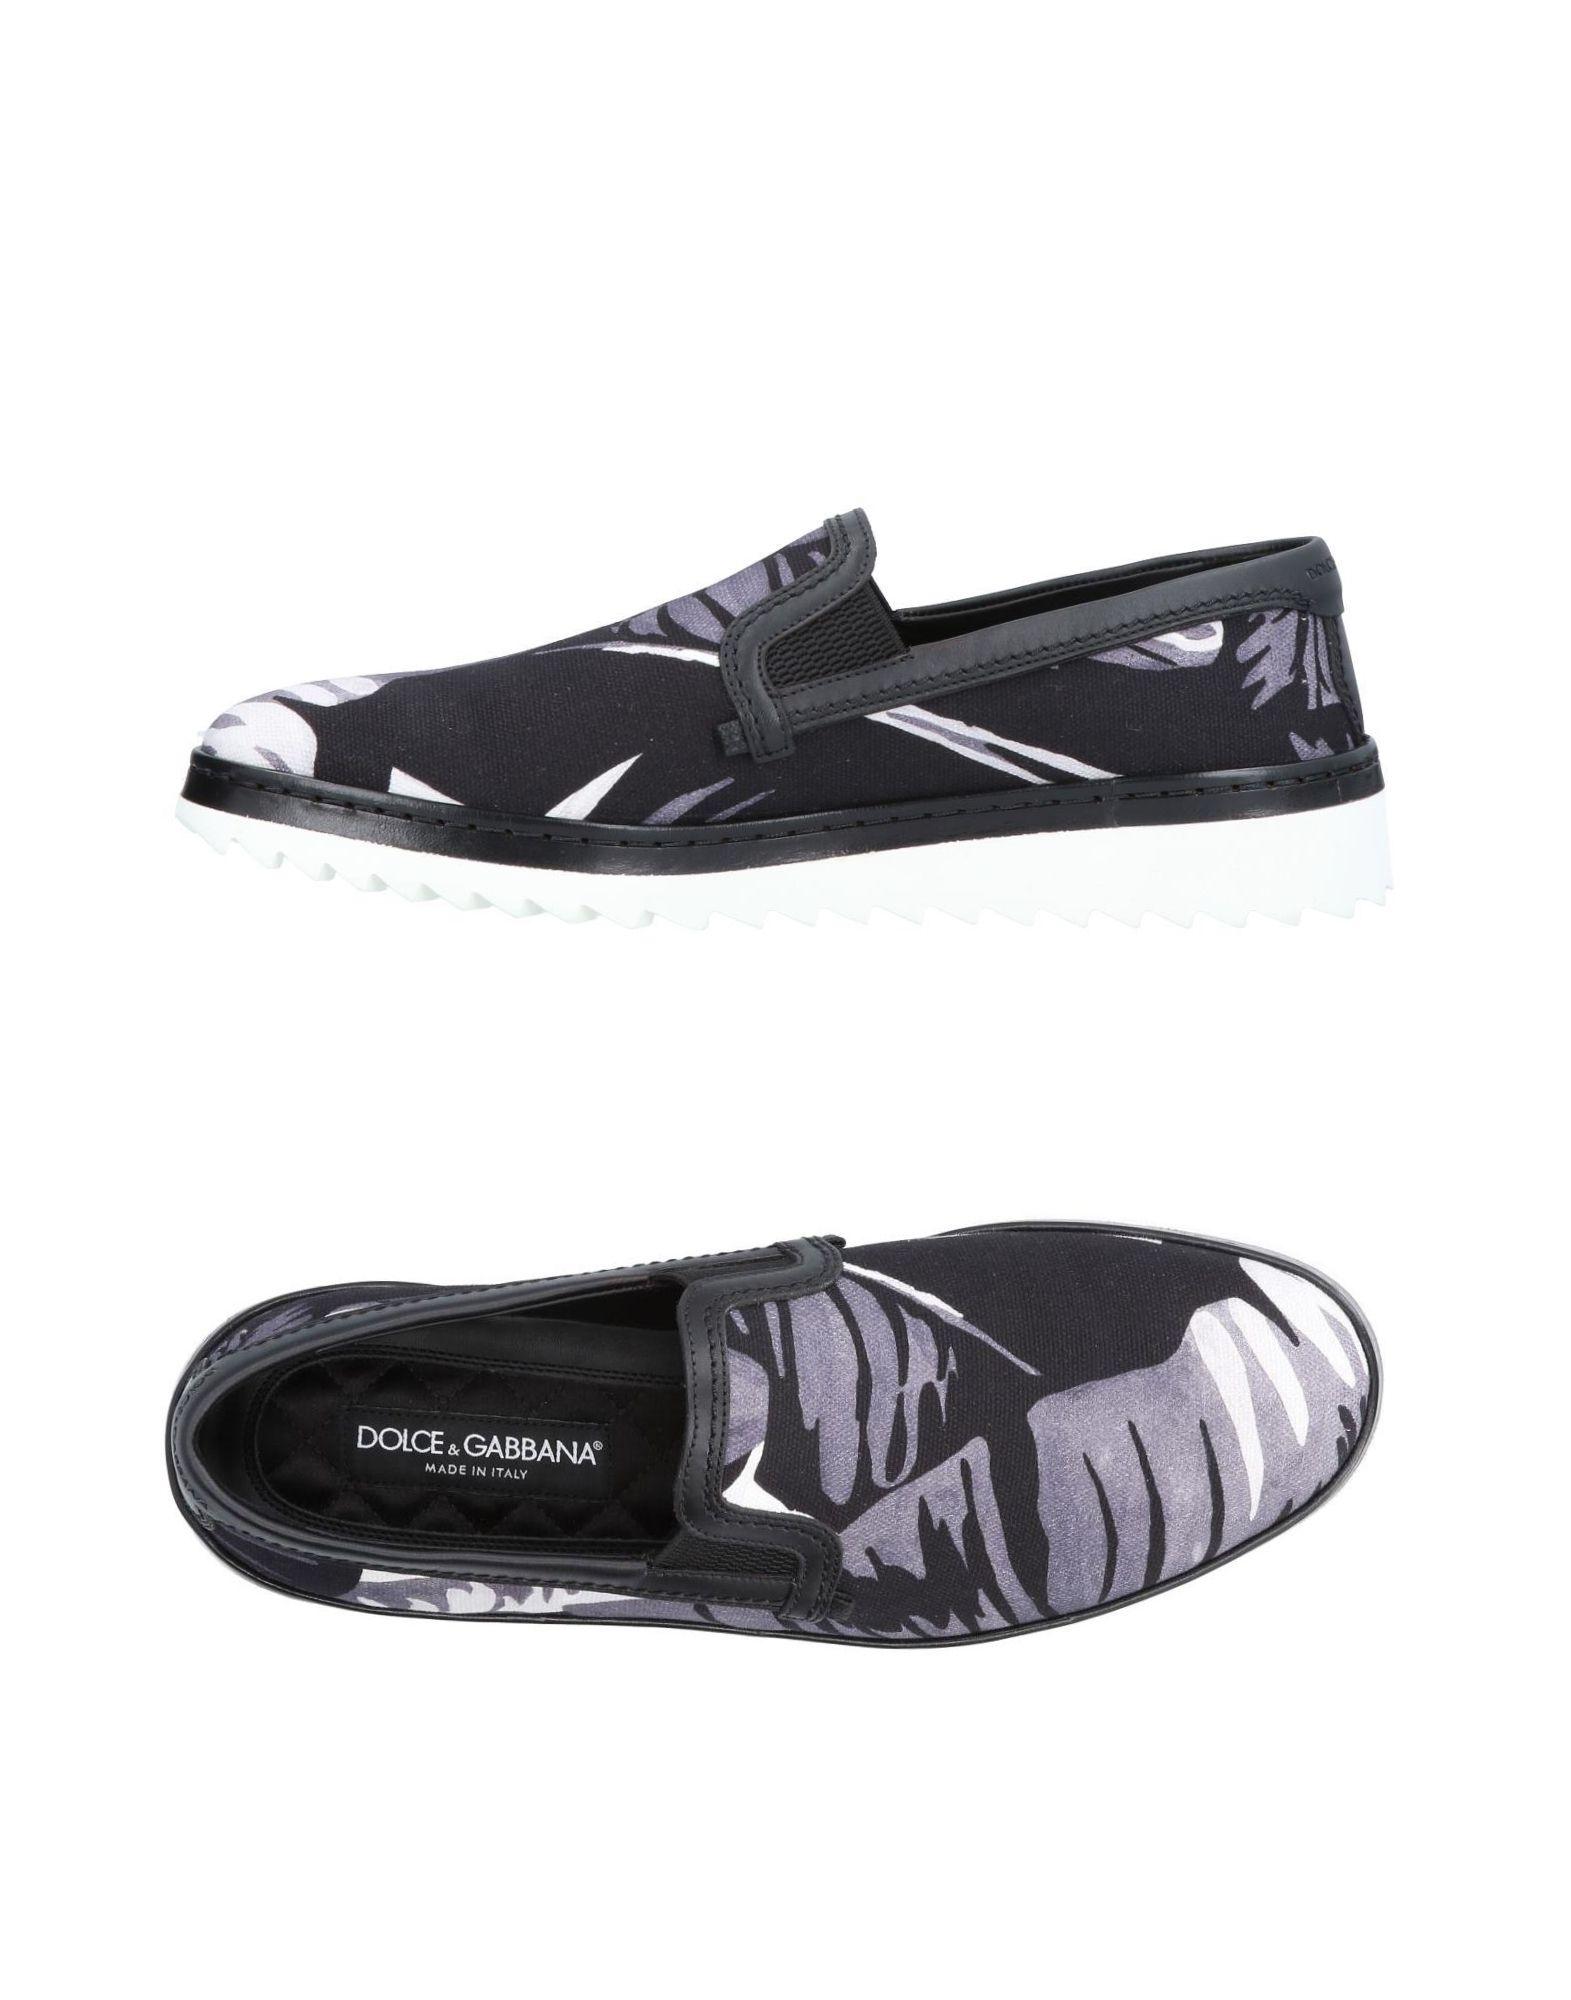 Dolce & Gabbana Sneakers Herren  11460986LT